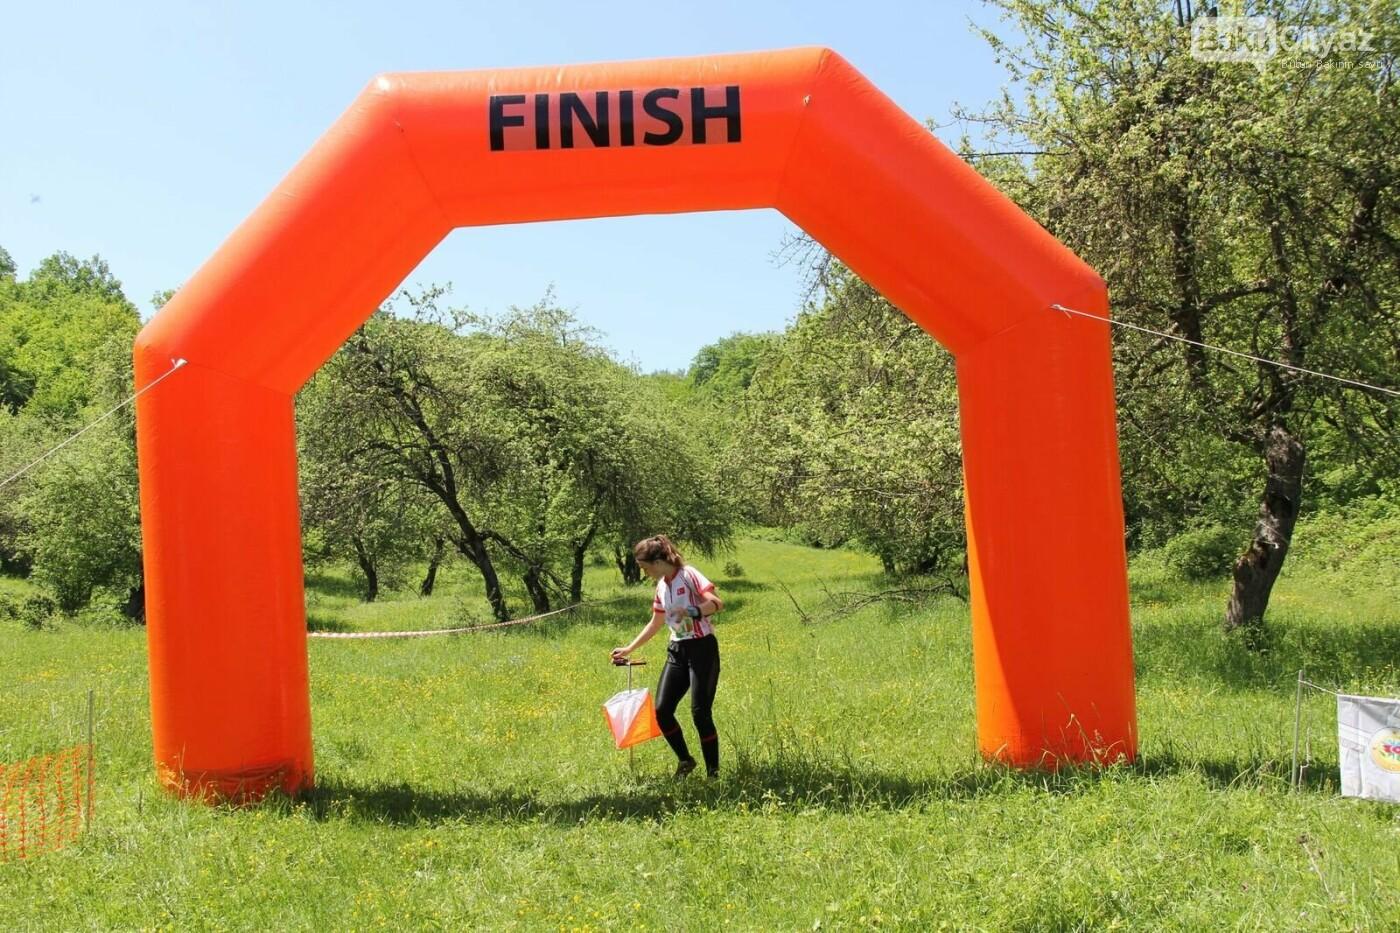 Bakıda Səmti müəyyənetmə üzrə Beynəlxalq yarış keçirilib - FOTO, fotoşəkil-1